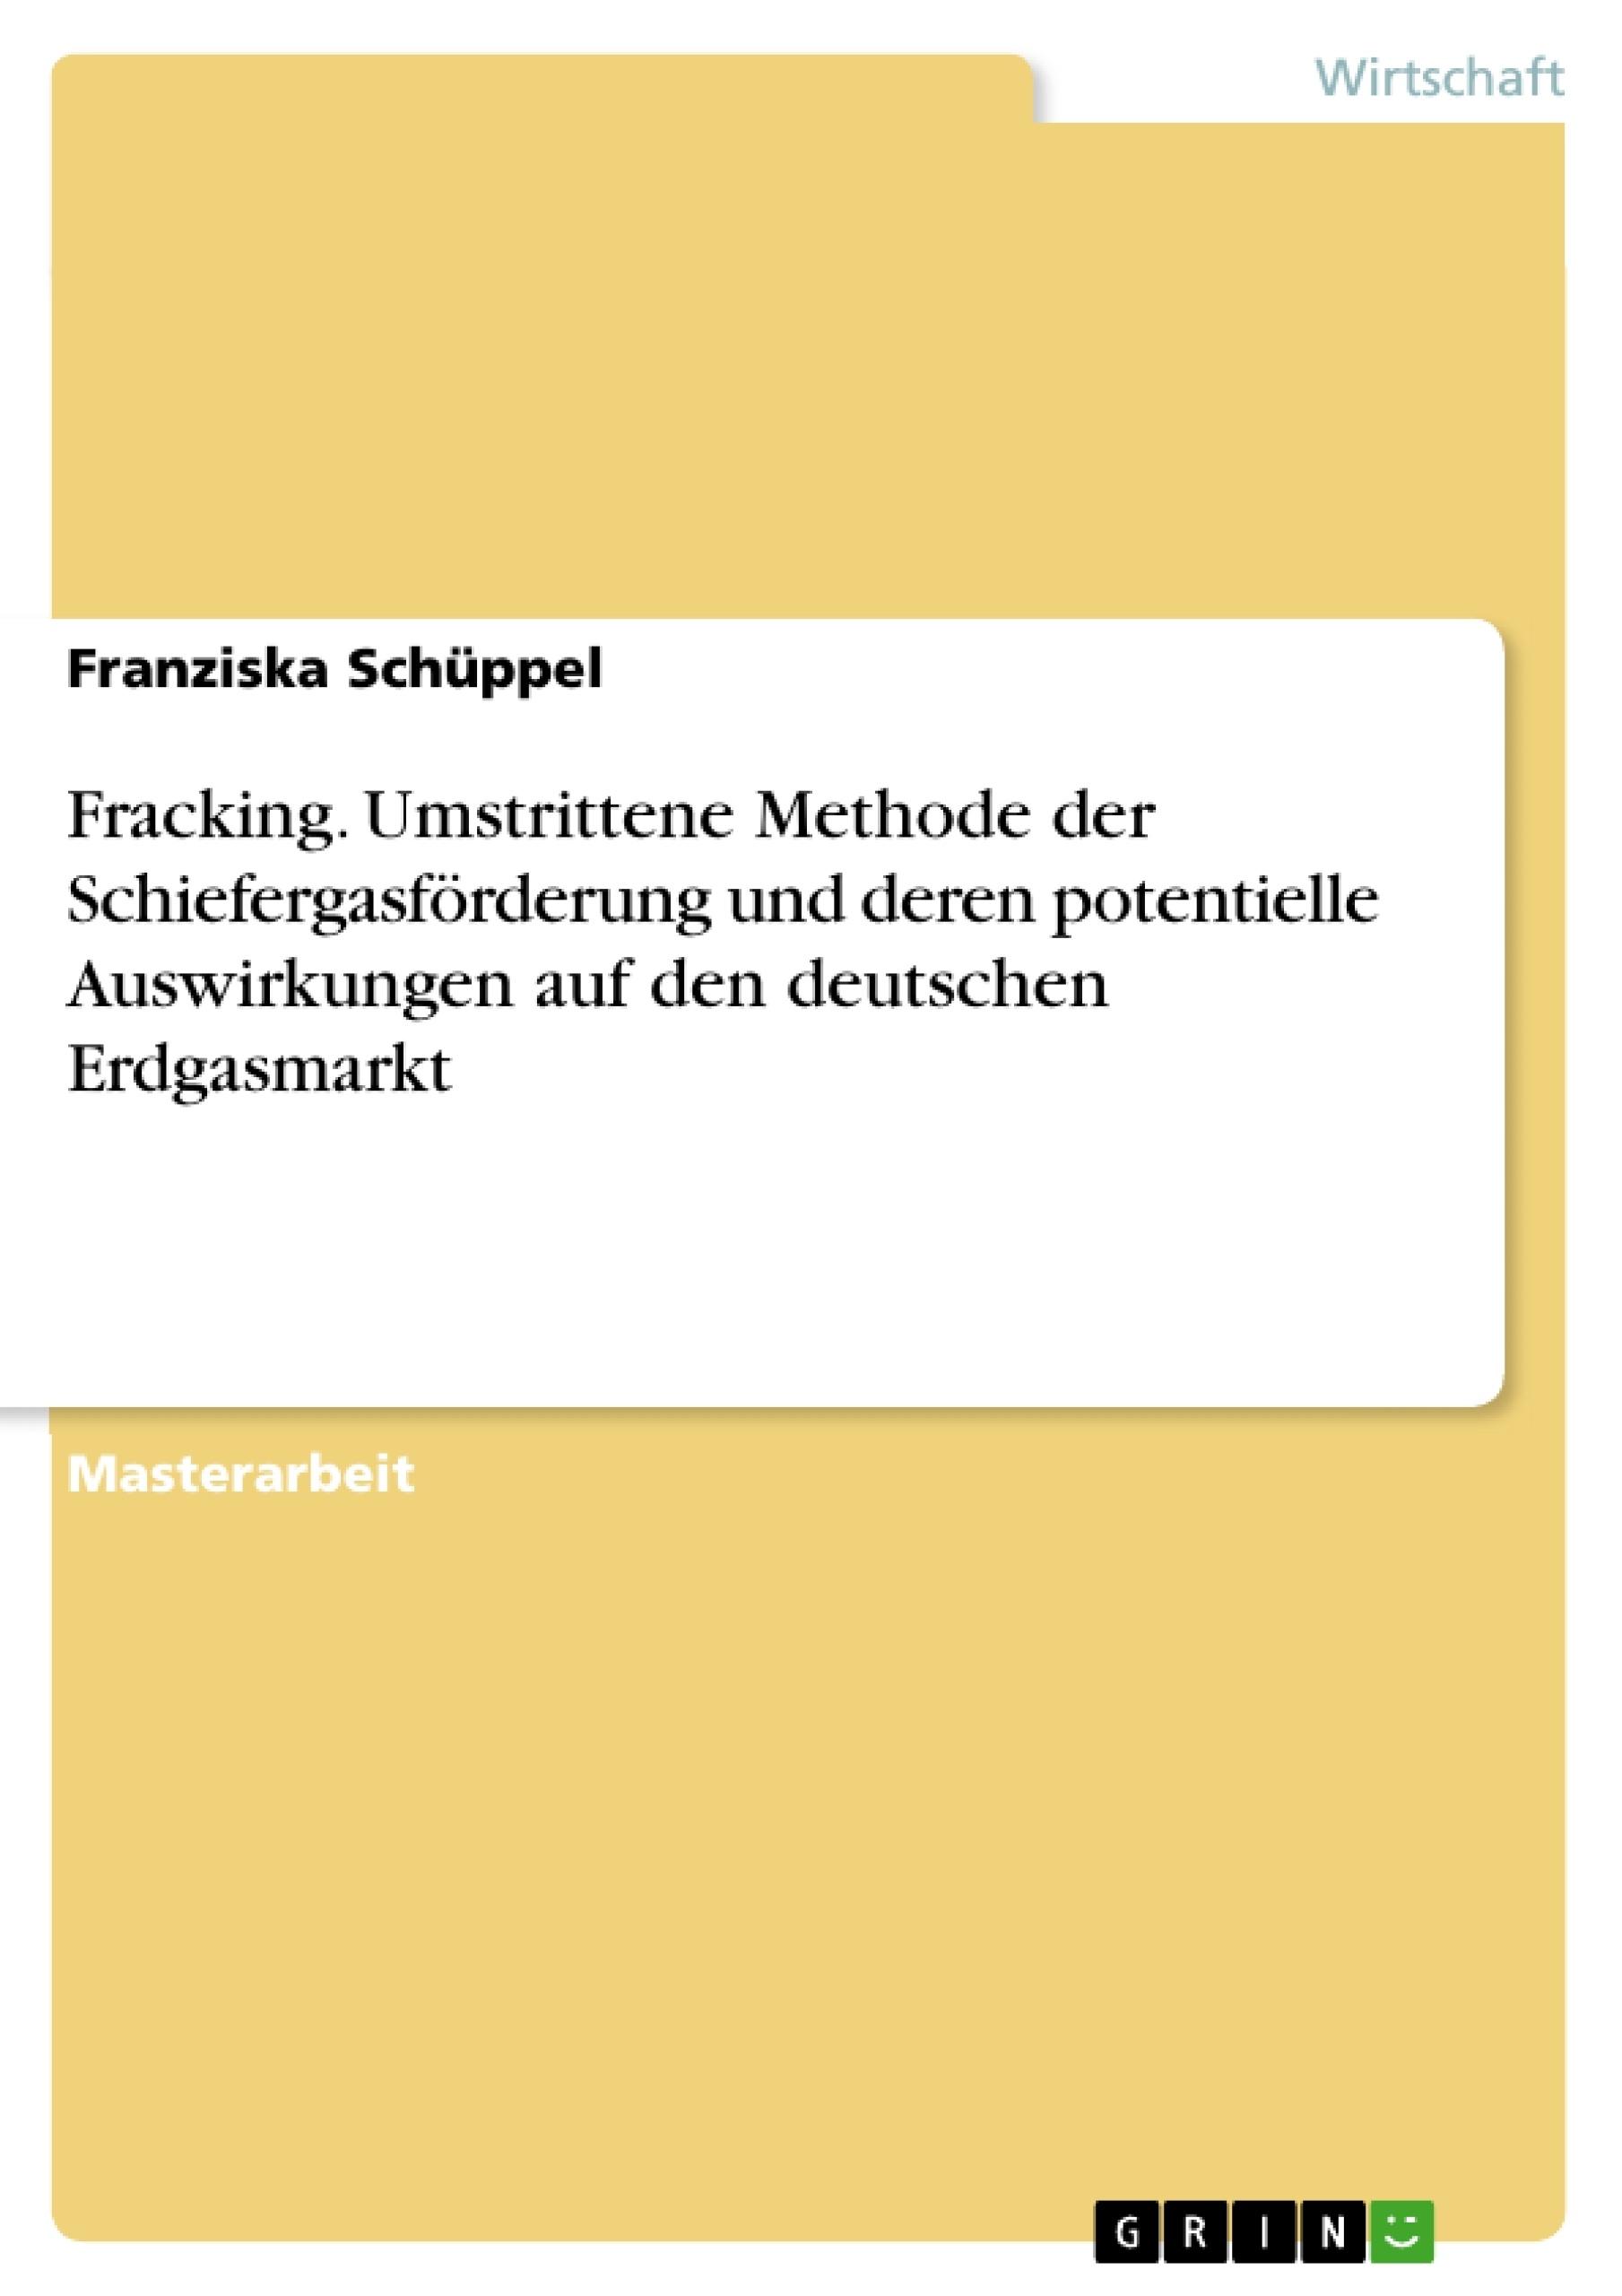 Titel: Fracking. Umstrittene Methode der Schiefergasförderung und deren potentielle Auswirkungen auf den deutschen Erdgasmarkt